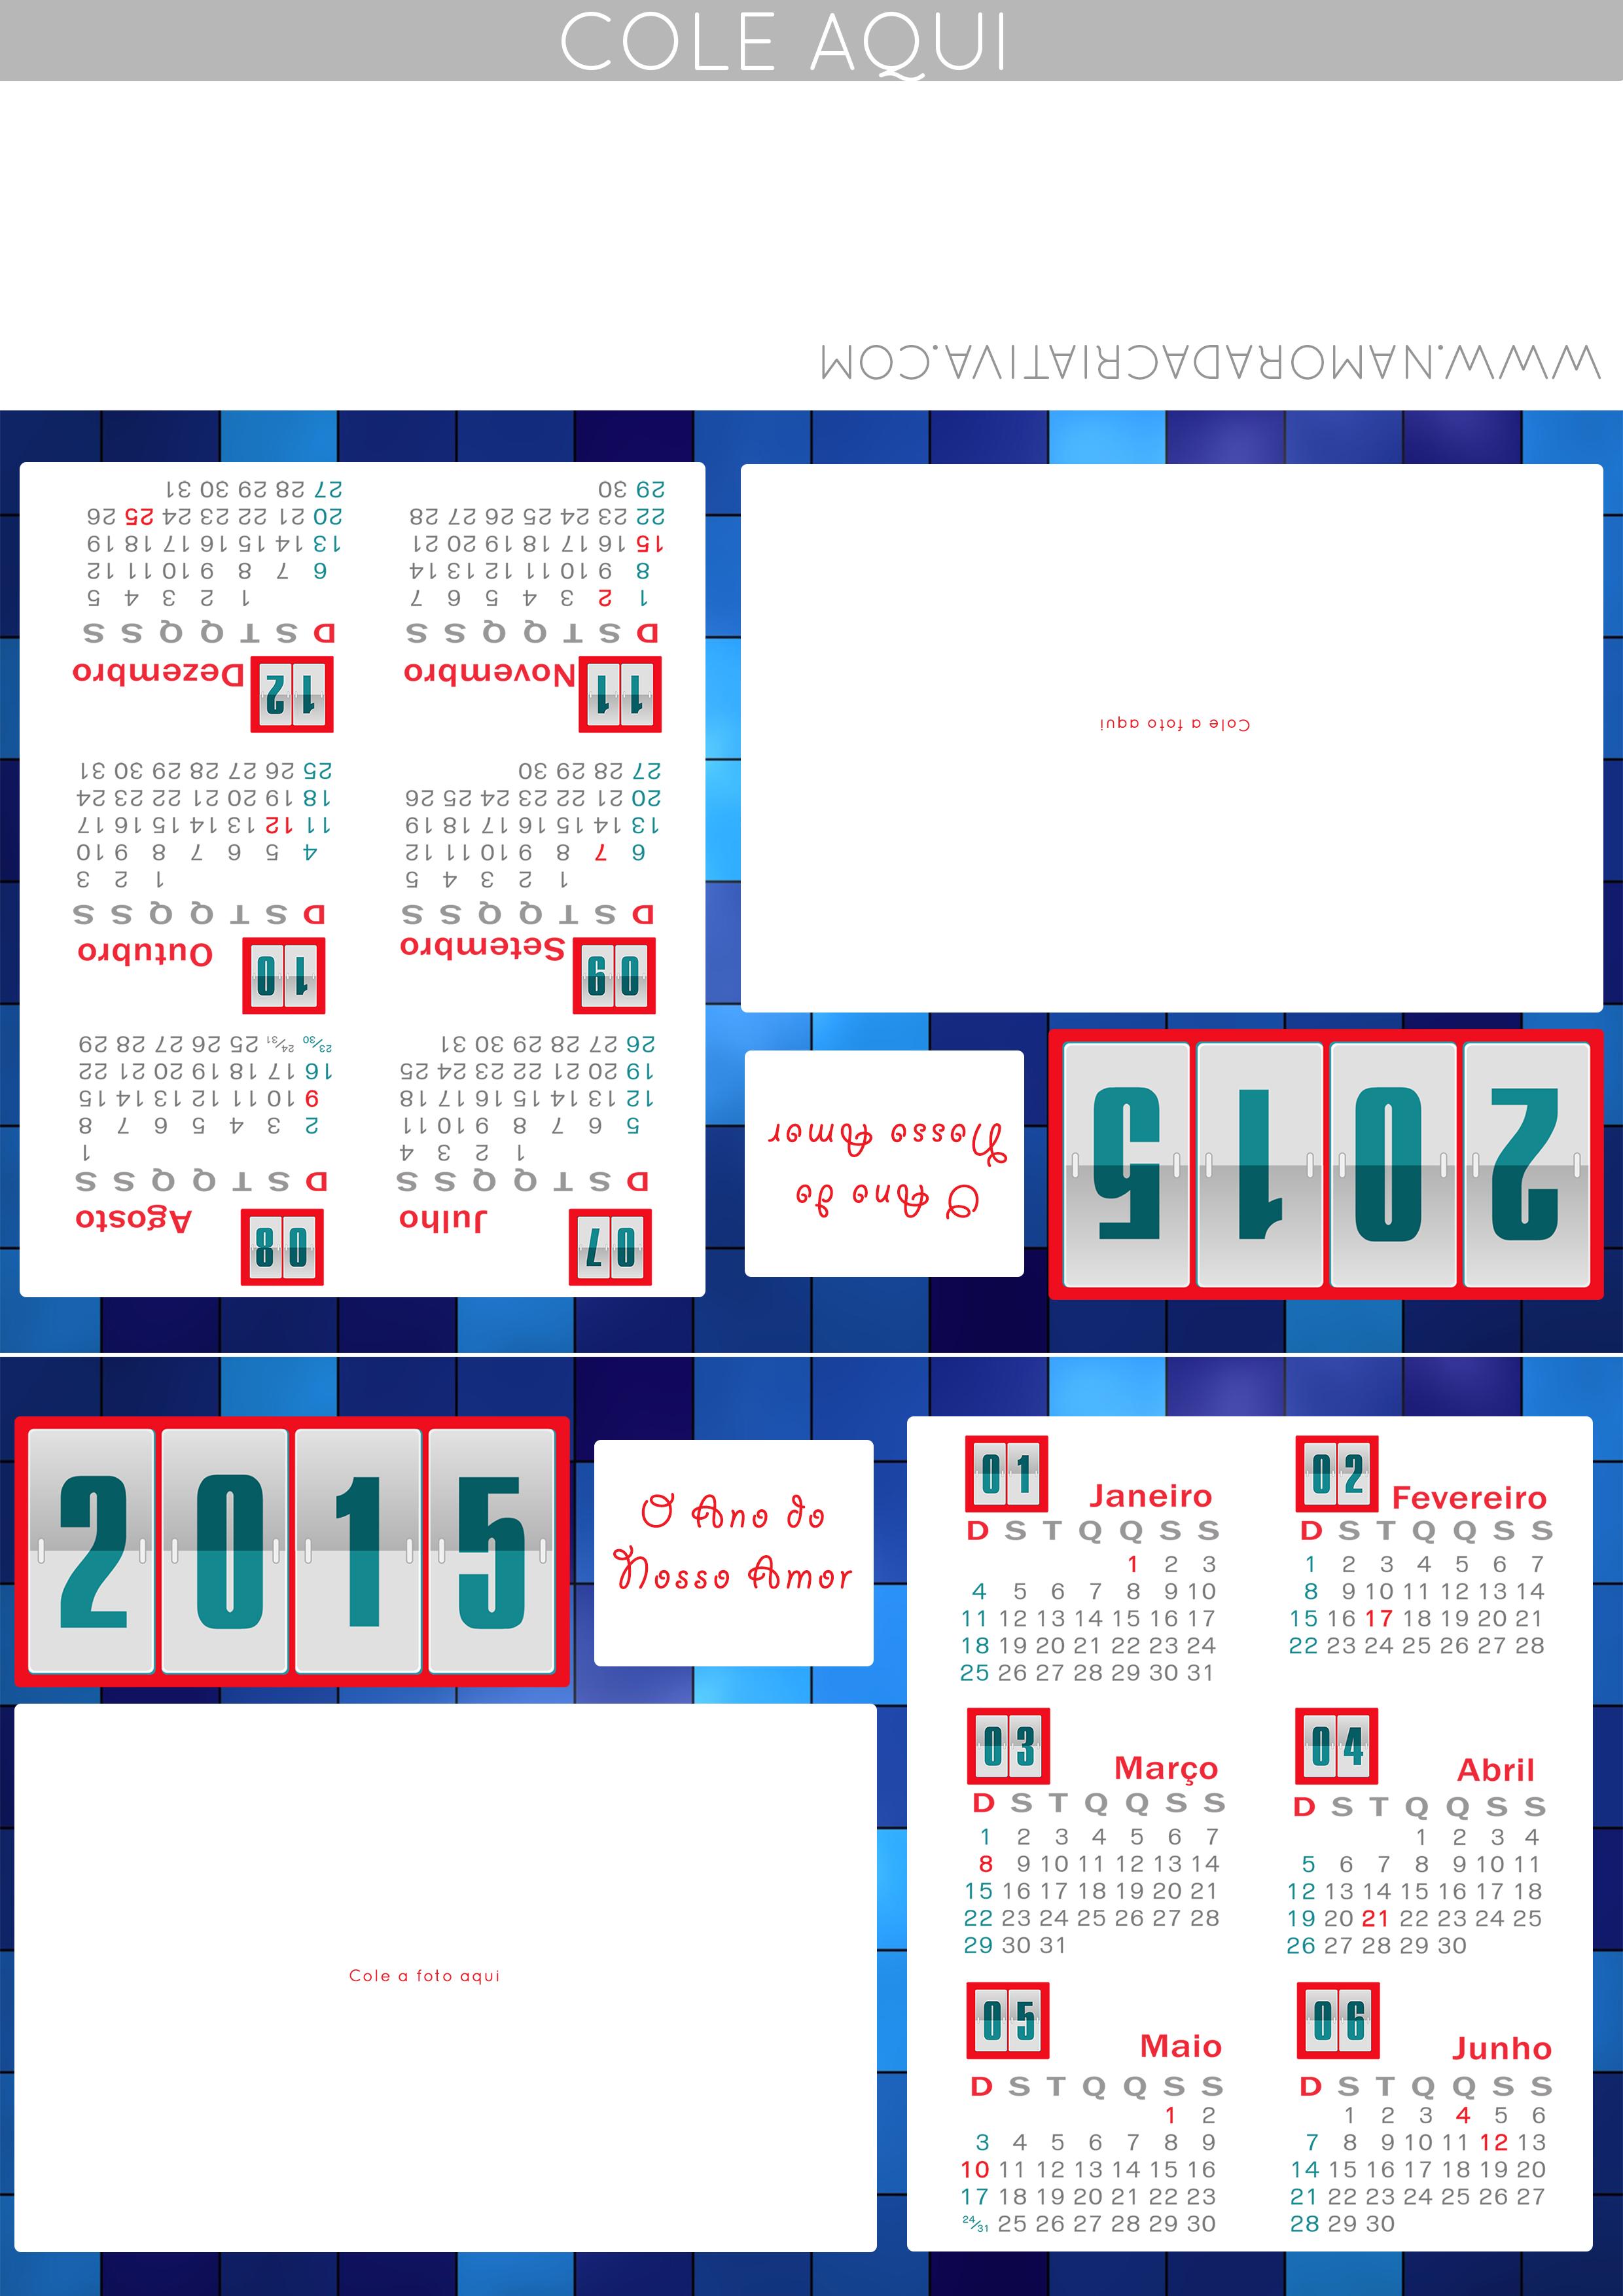 calendario_masculino_3